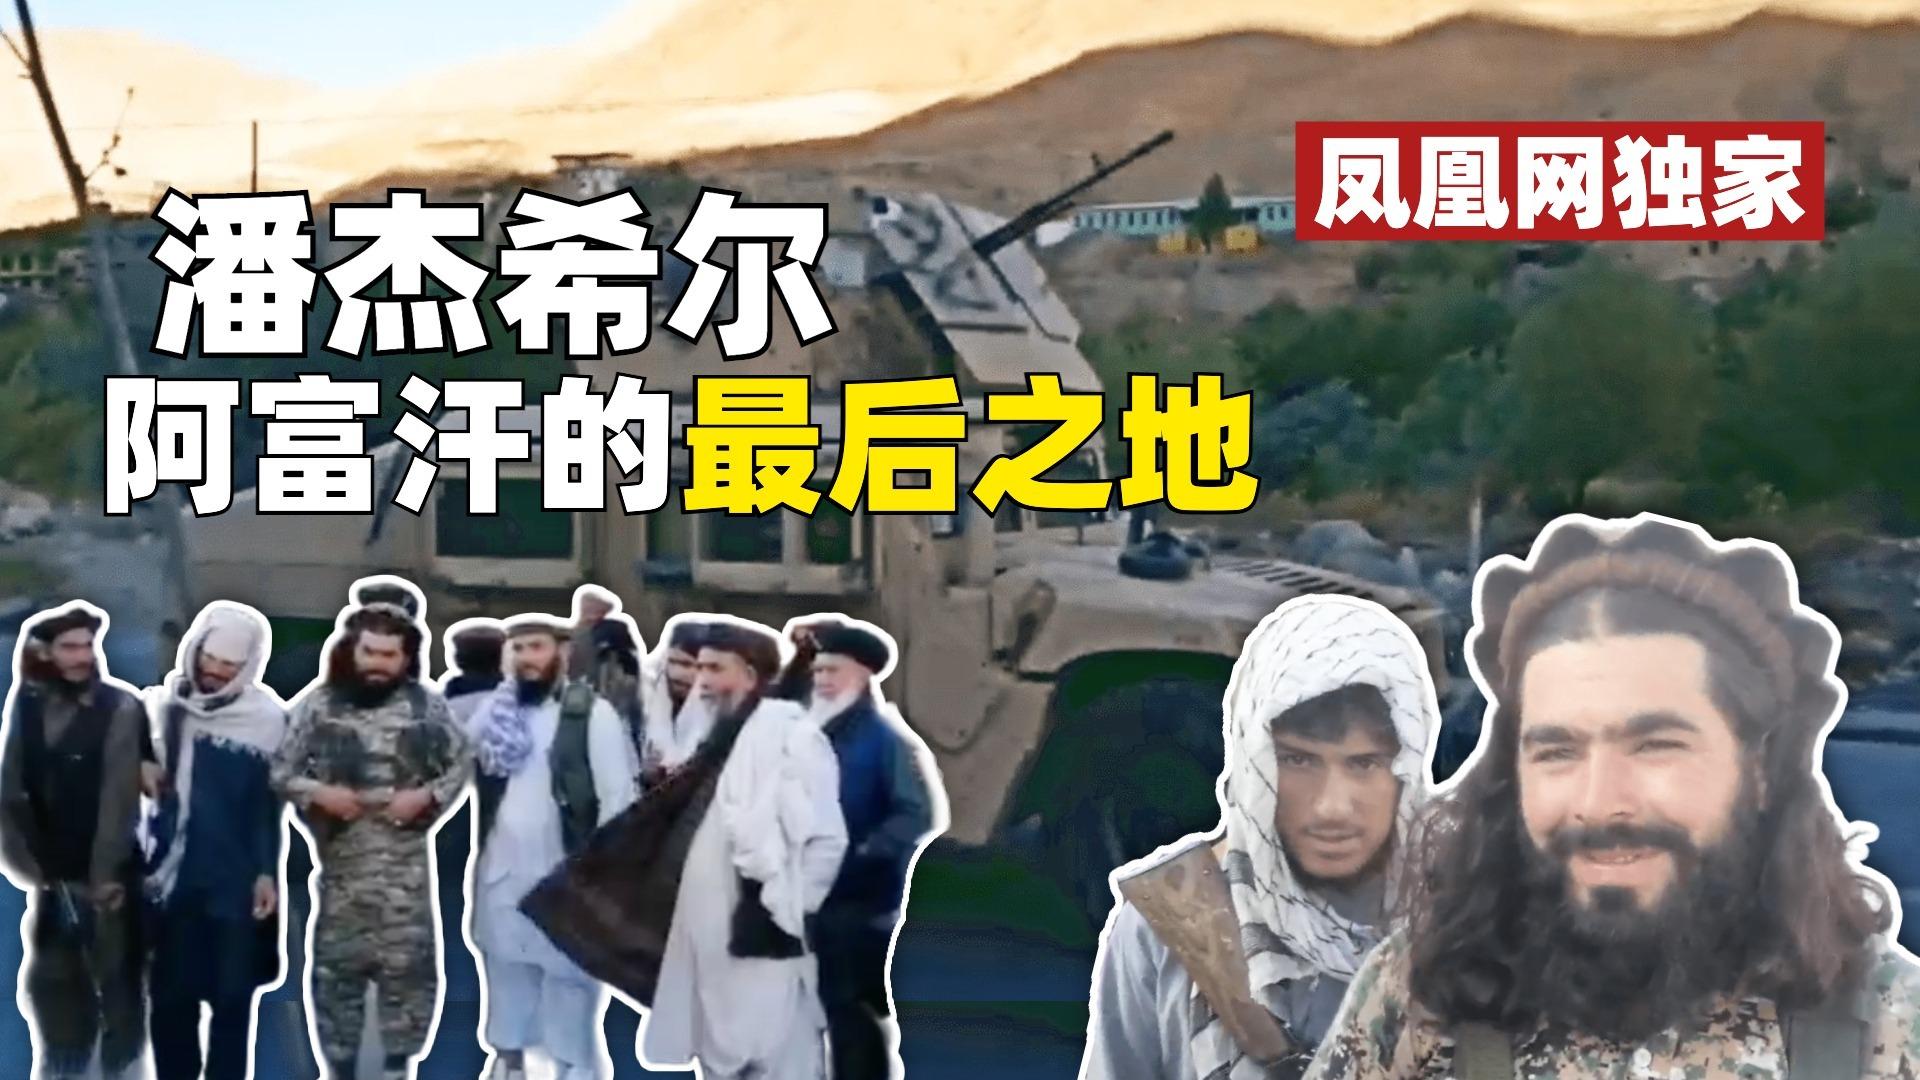 """走进阿富汗的""""最后之地"""" ——潘杰希尔丨中国人在阿富汗"""